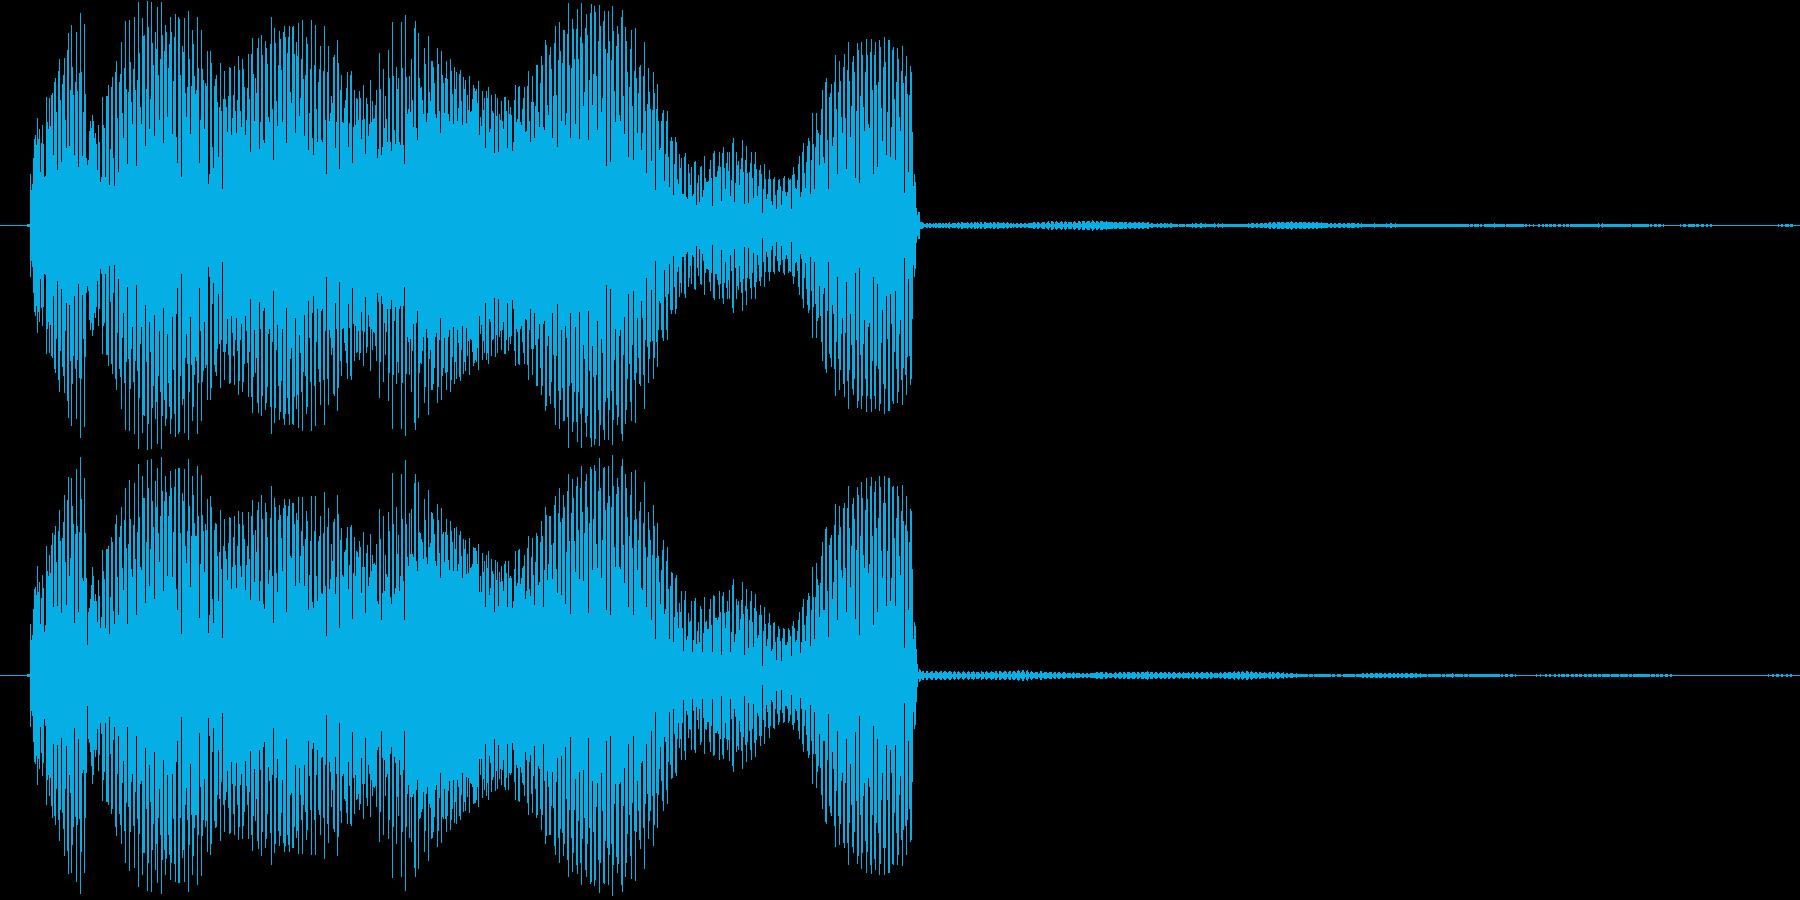 失敗などを表す音です。「とぅるー」の再生済みの波形